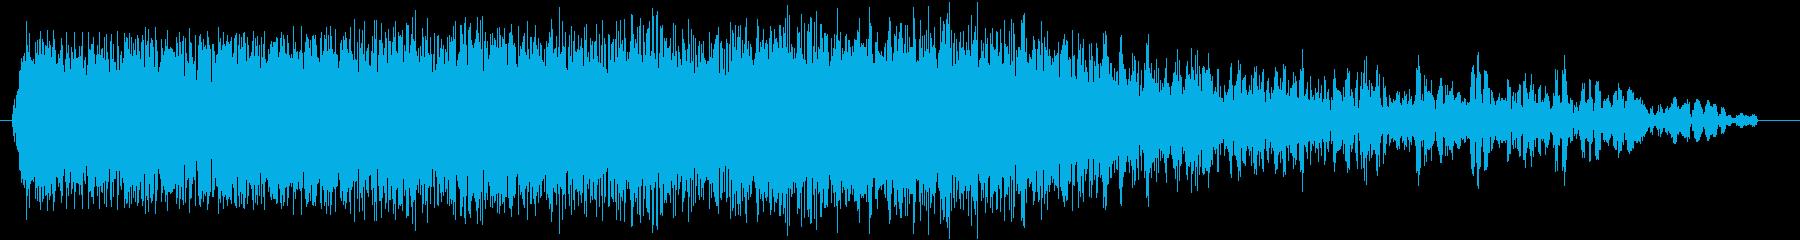 ドラゴンの鳴き声(恐竜や怪獣の声にも)の再生済みの波形